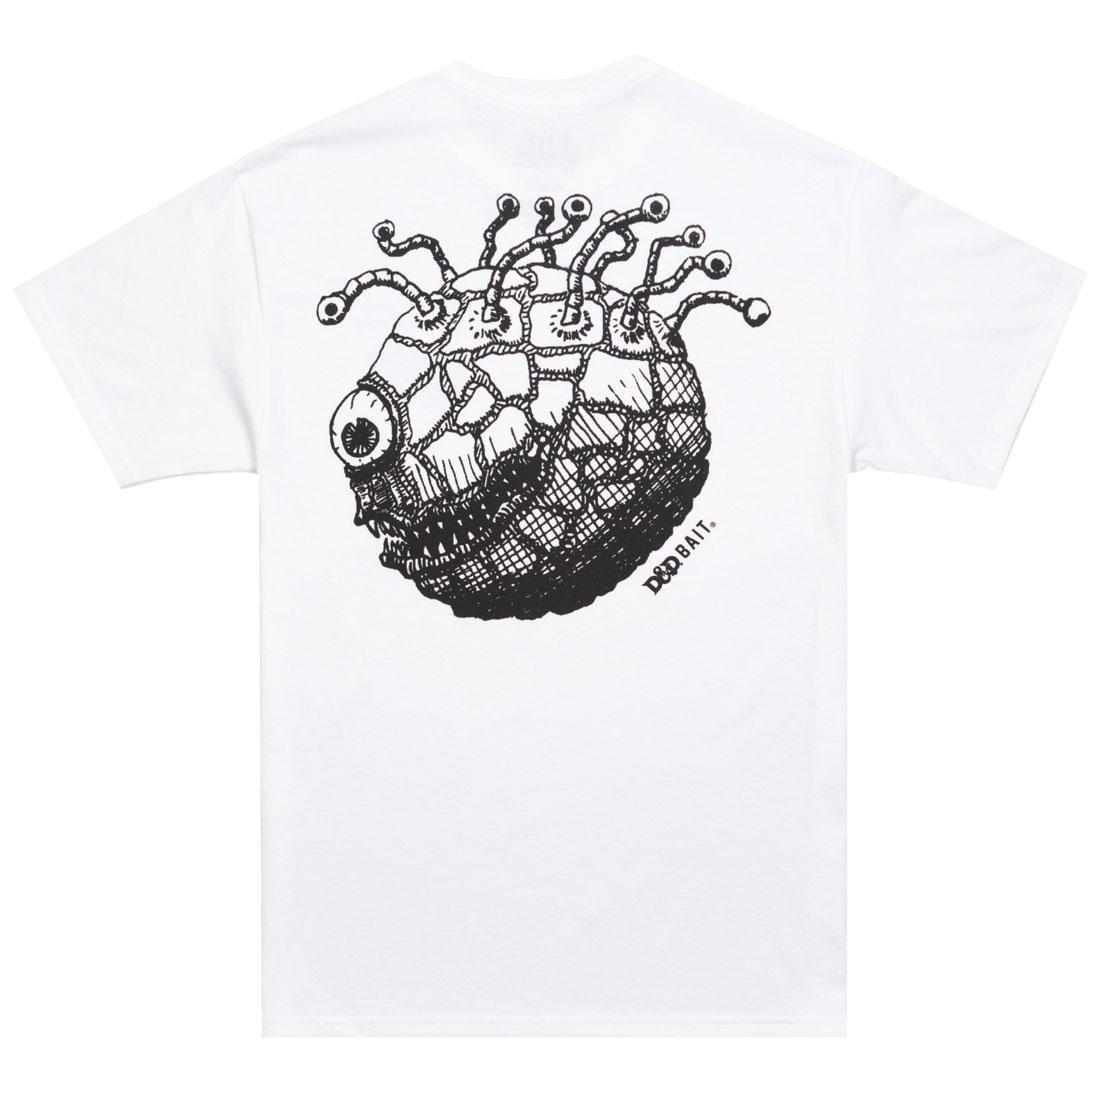 ベイト BAIT Tシャツ 白 ホワイト 【 WHITE BAIT X DUNGEONS AND DRAGONS MEN BEHOLDER TEE 】 メンズファッション トップス Tシャツ カットソー